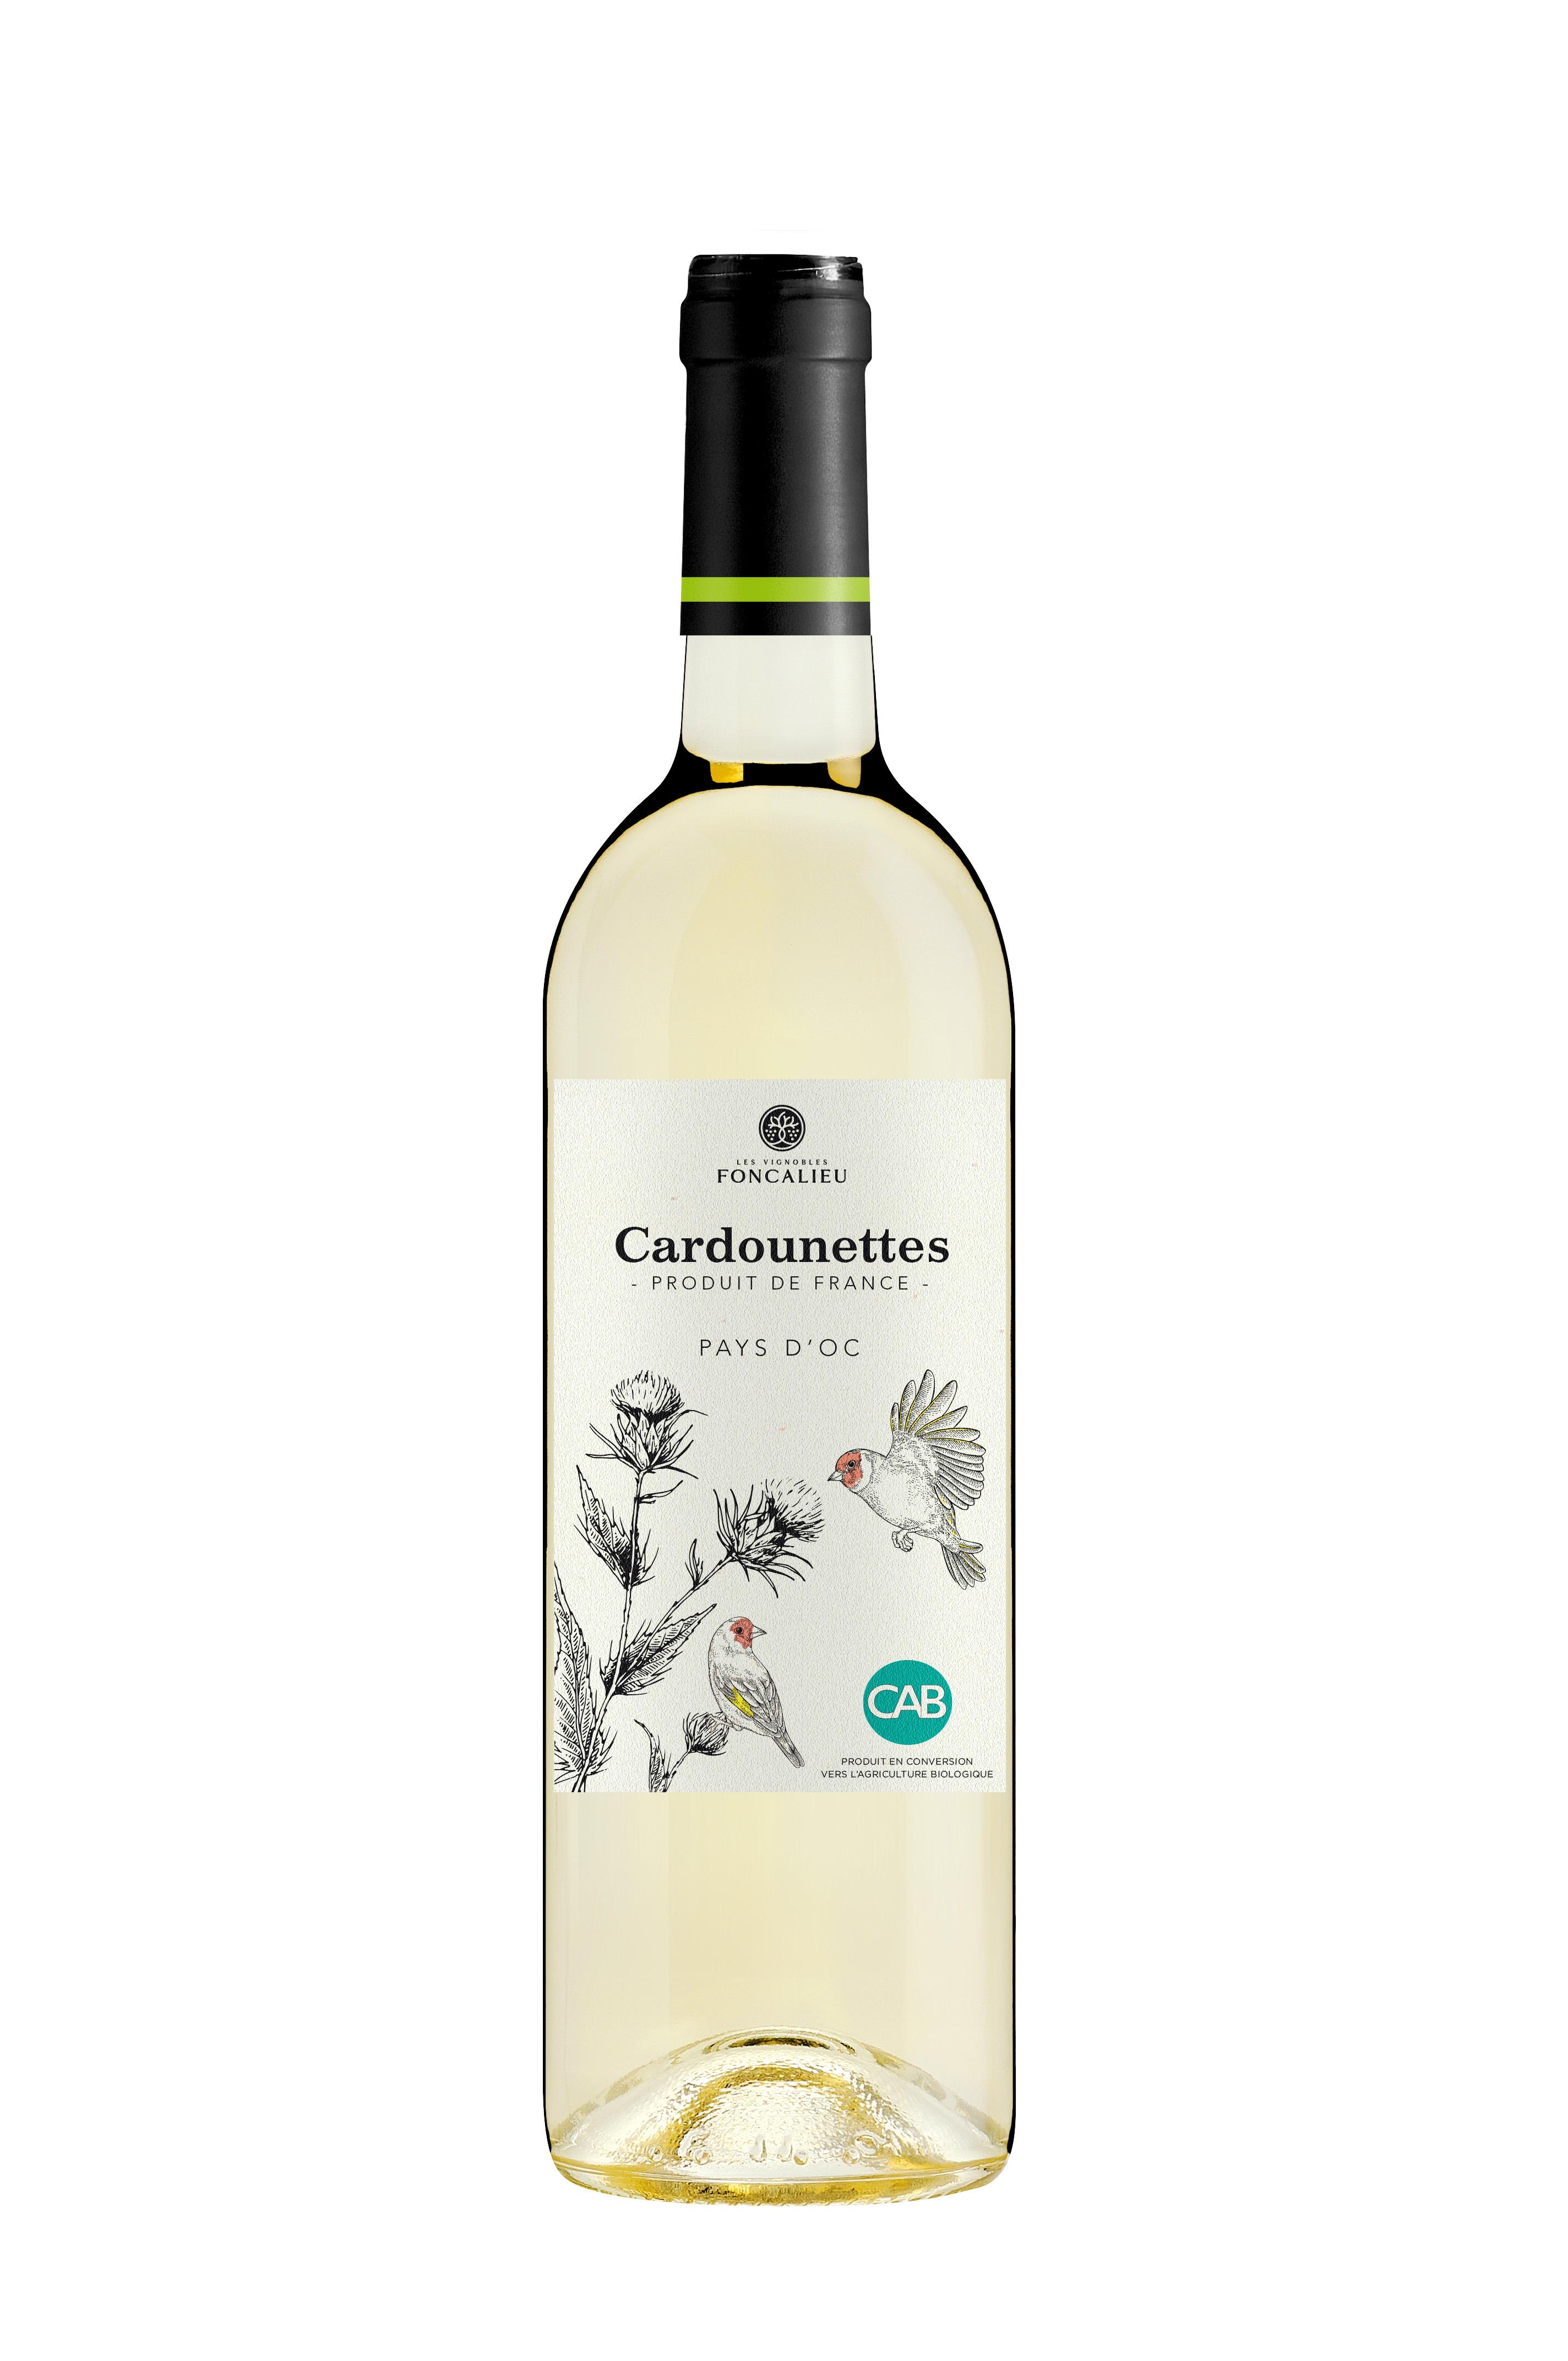 les cardounettes vin blanc bio